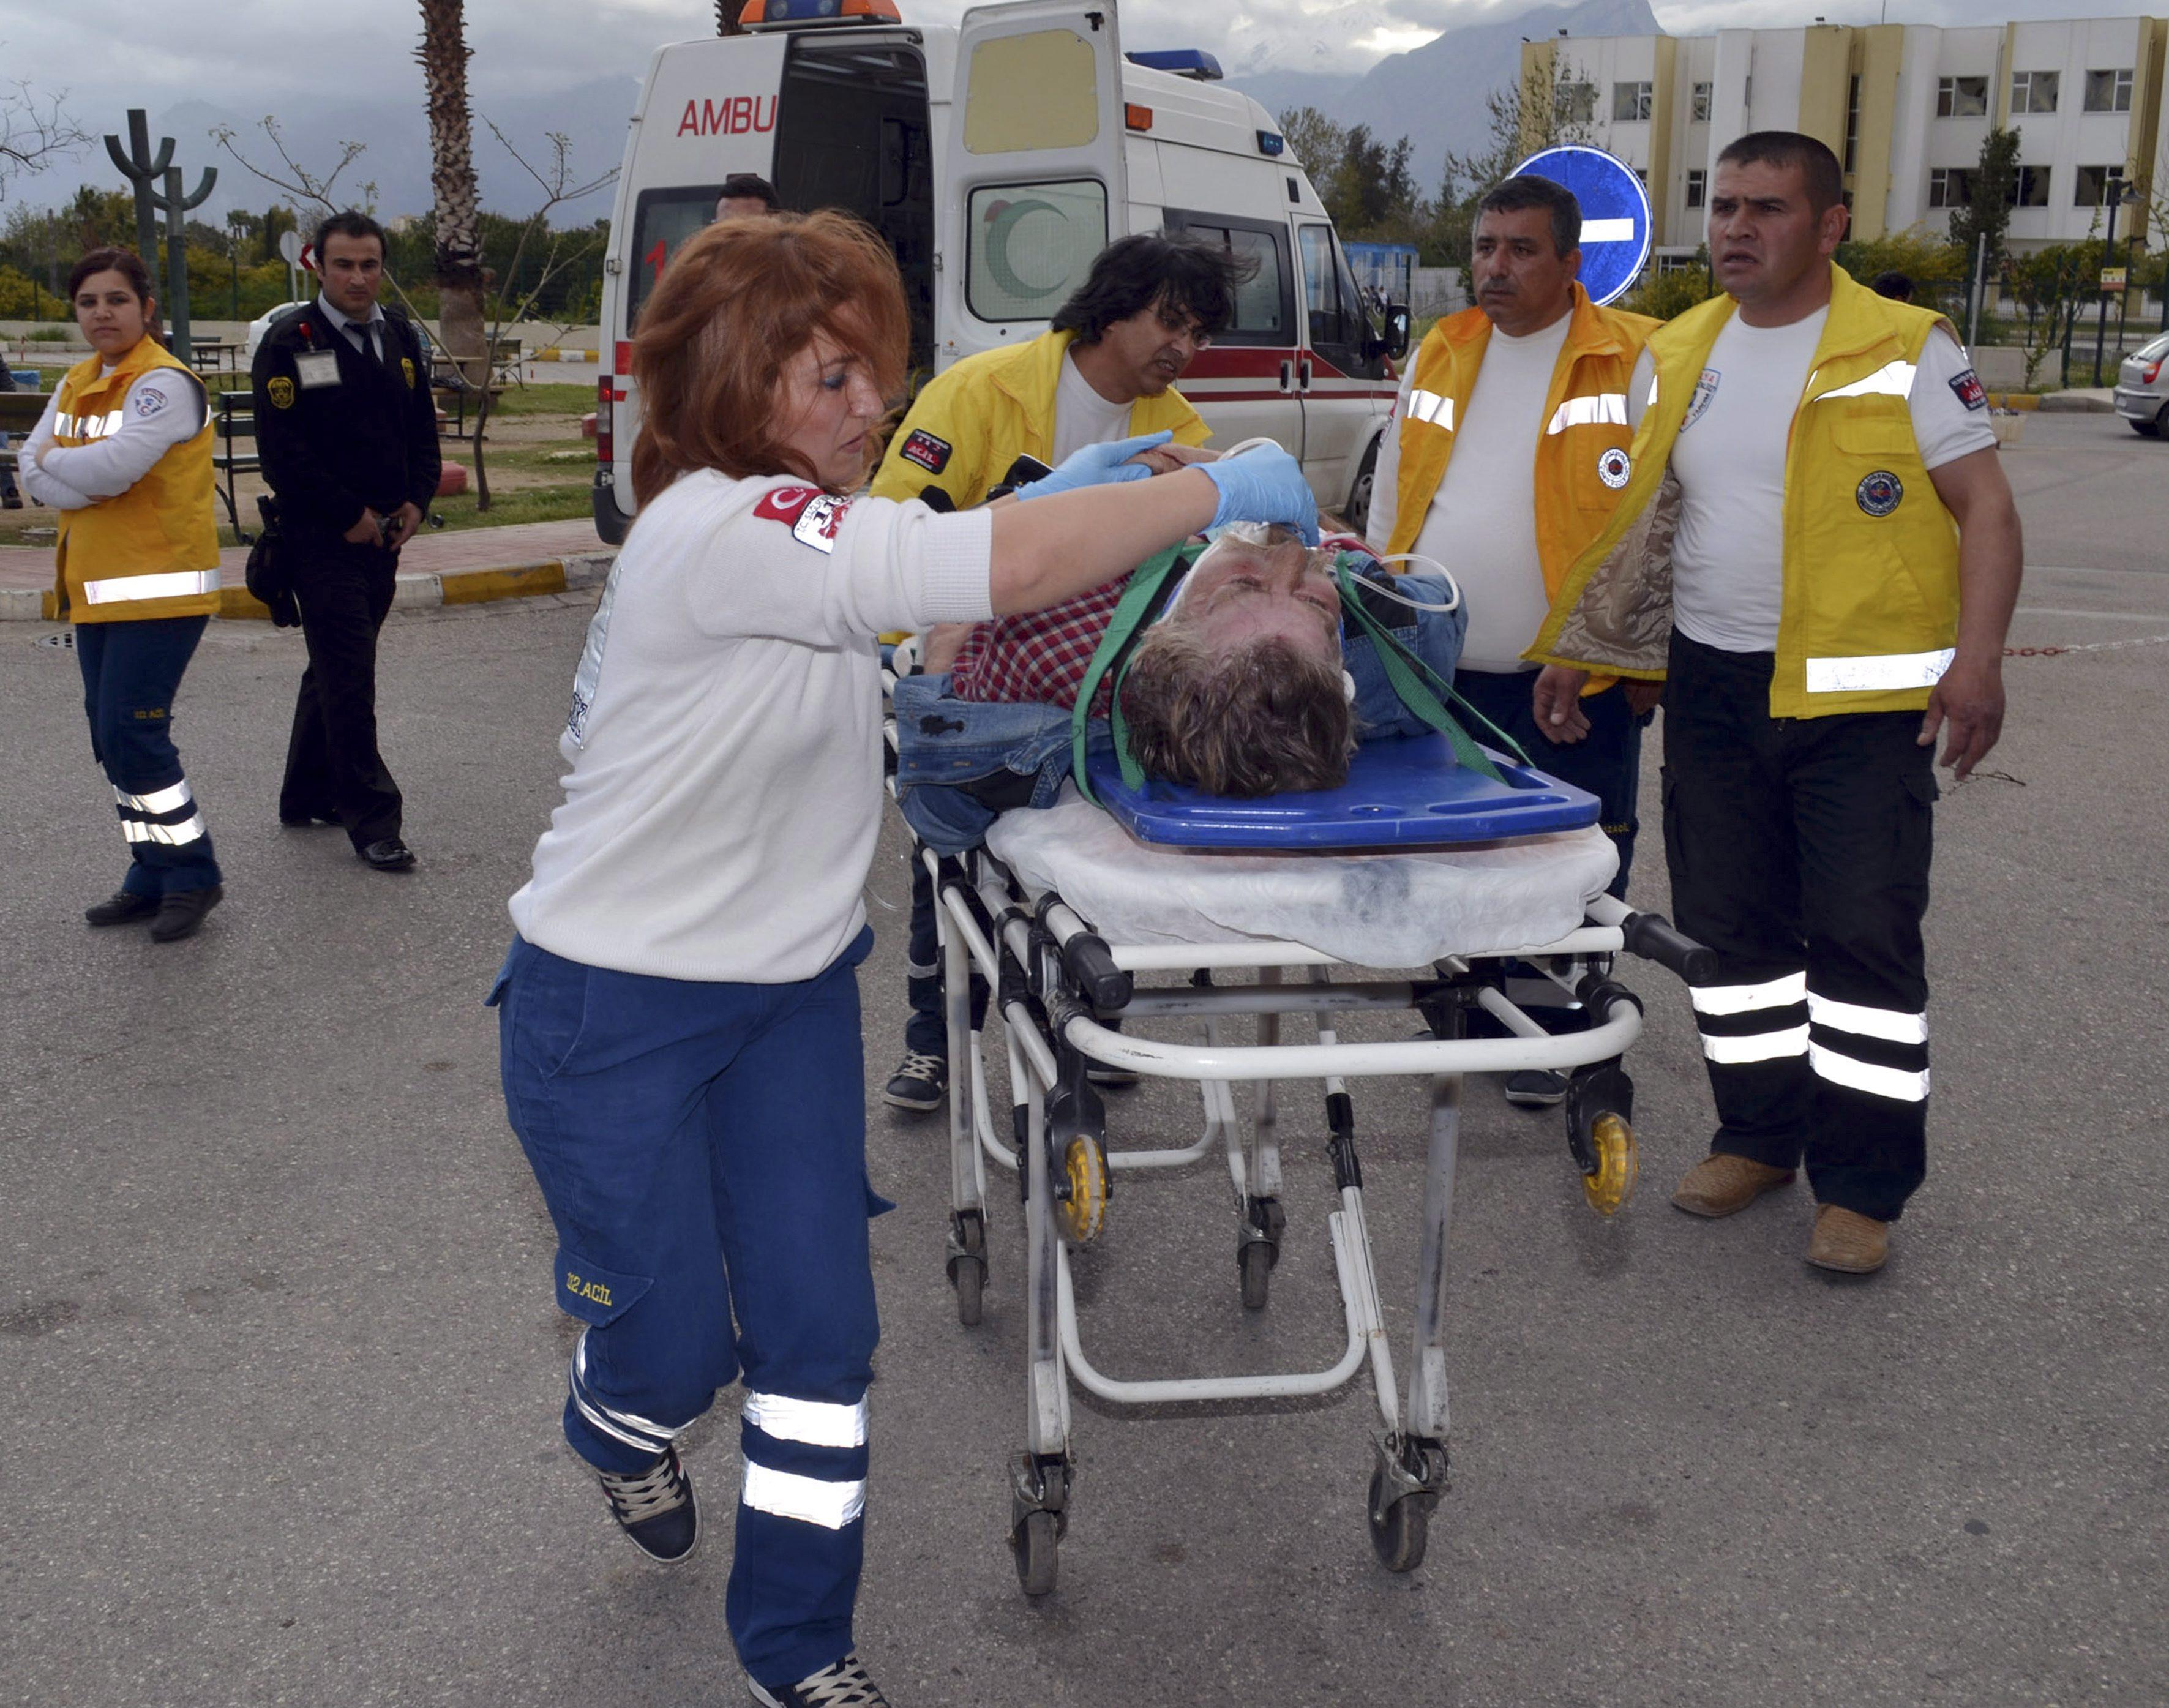 Пострадавшему в ДТП оказывают медицинскую помощь